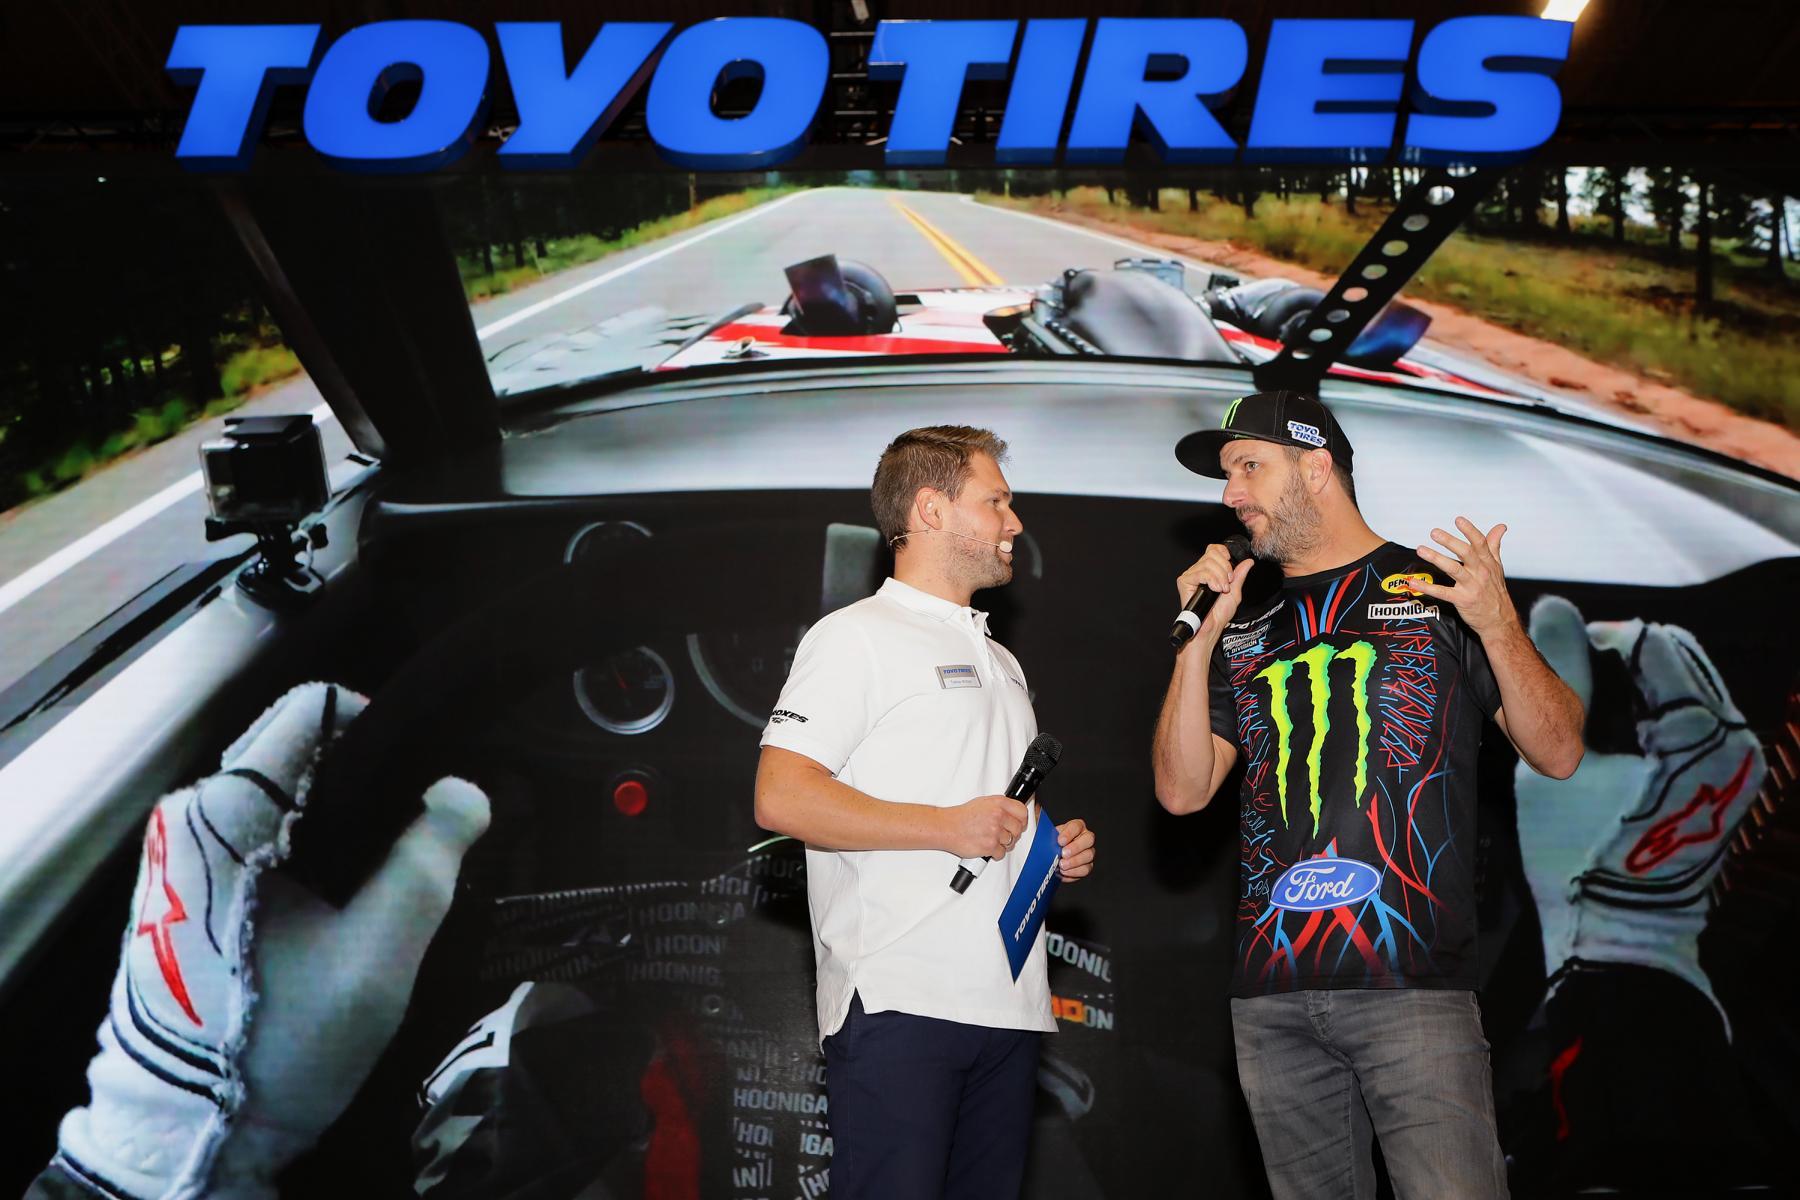 Essen Motor Show, Messemdoderation für Toyo Tires